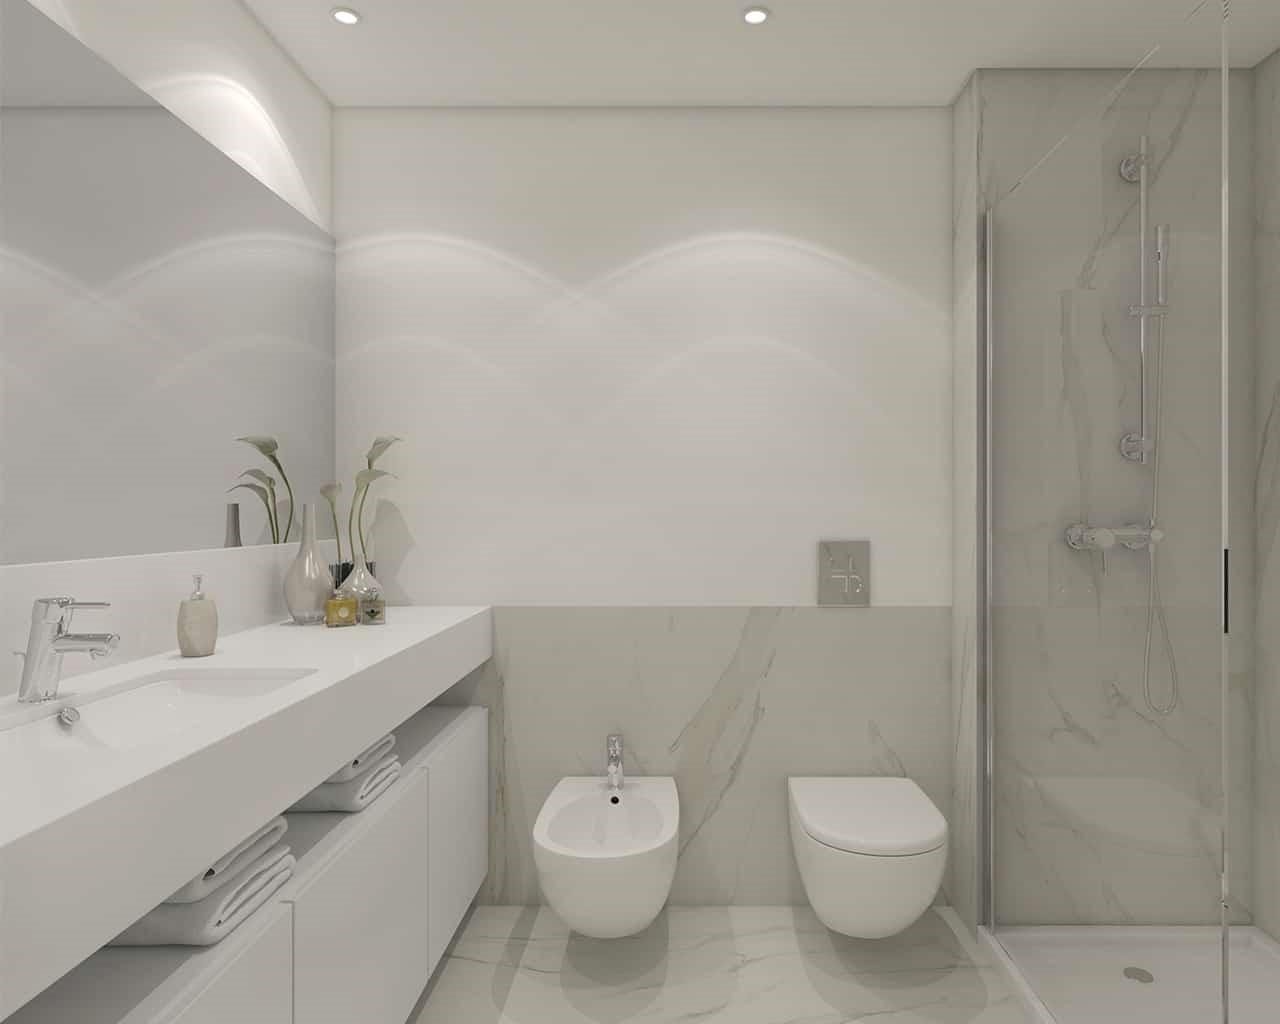 areeiro-prime-casa de banho-opção urban calssic-duche